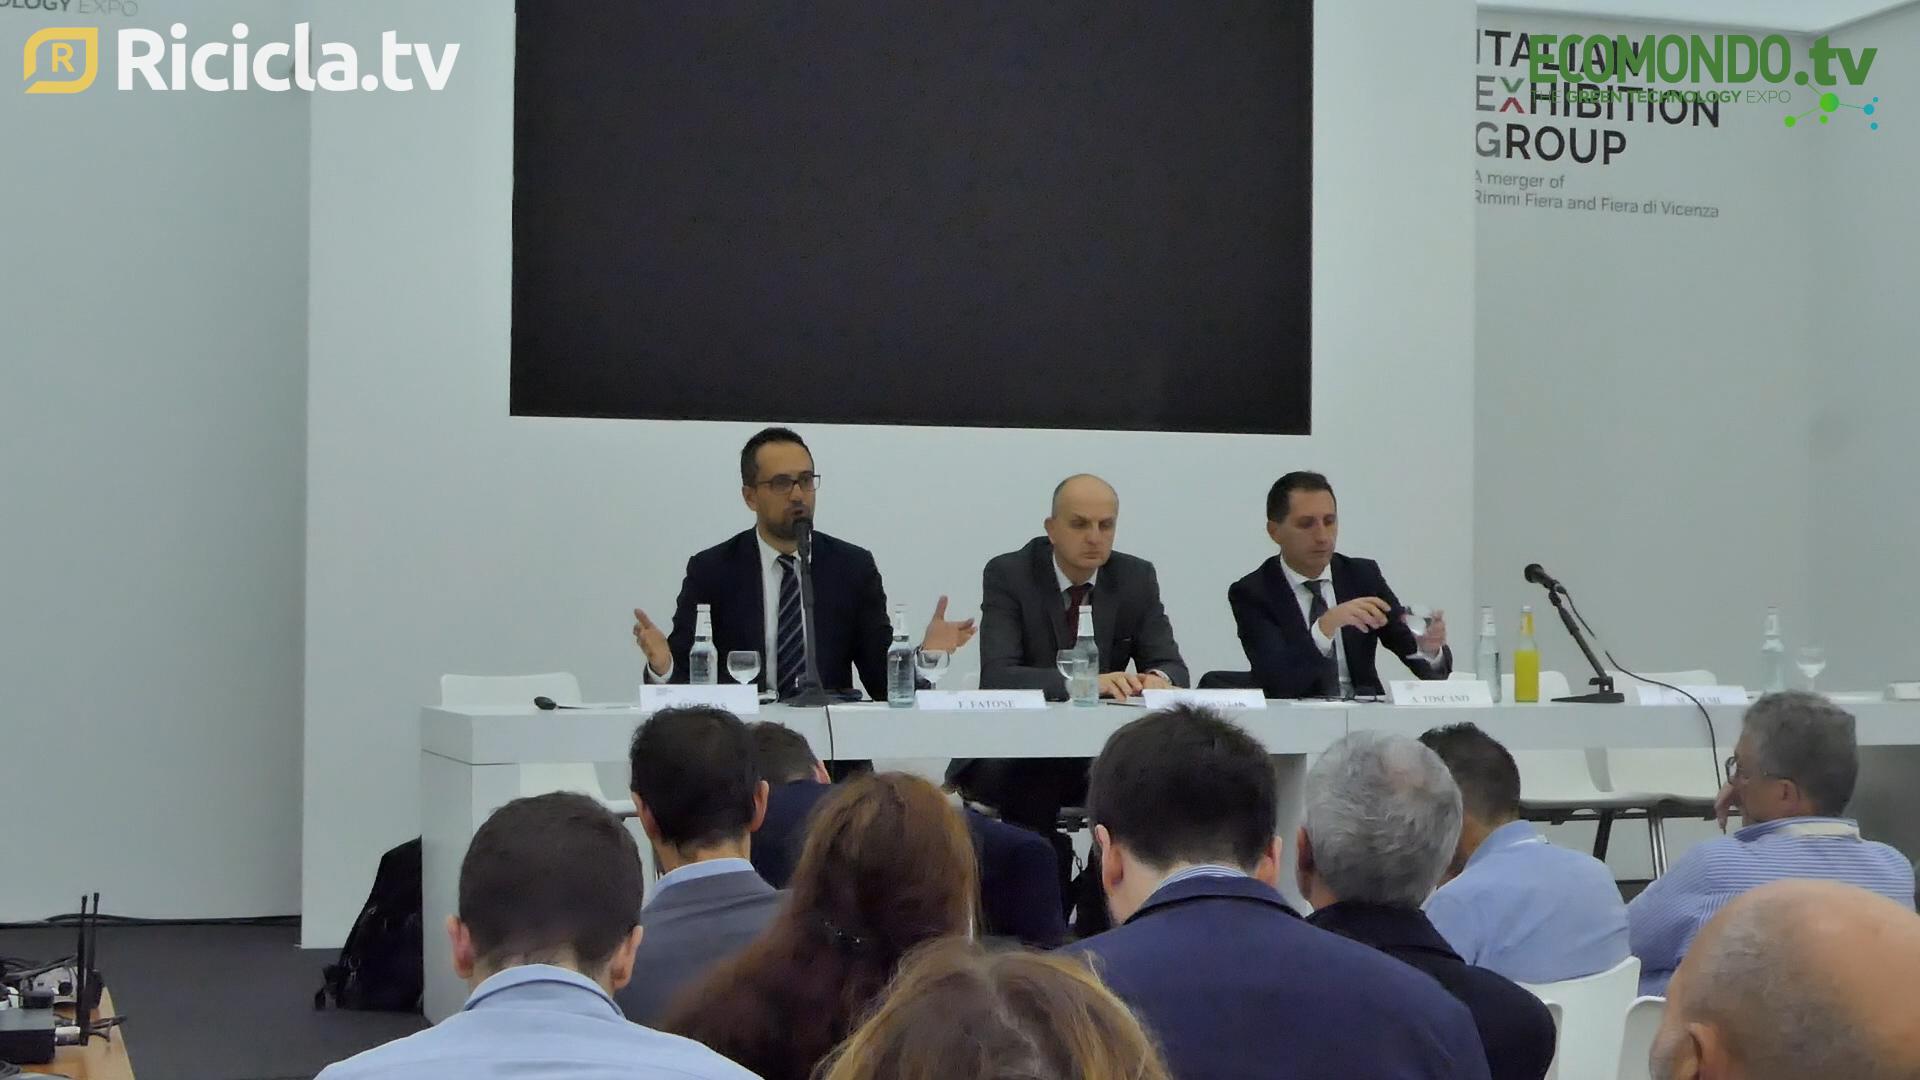 ECOMONDO 2019 - LA SCARSITA' DELL'ACQUA E L'IMPORTANZA DEL RIUSO IN AGRICOLTURA